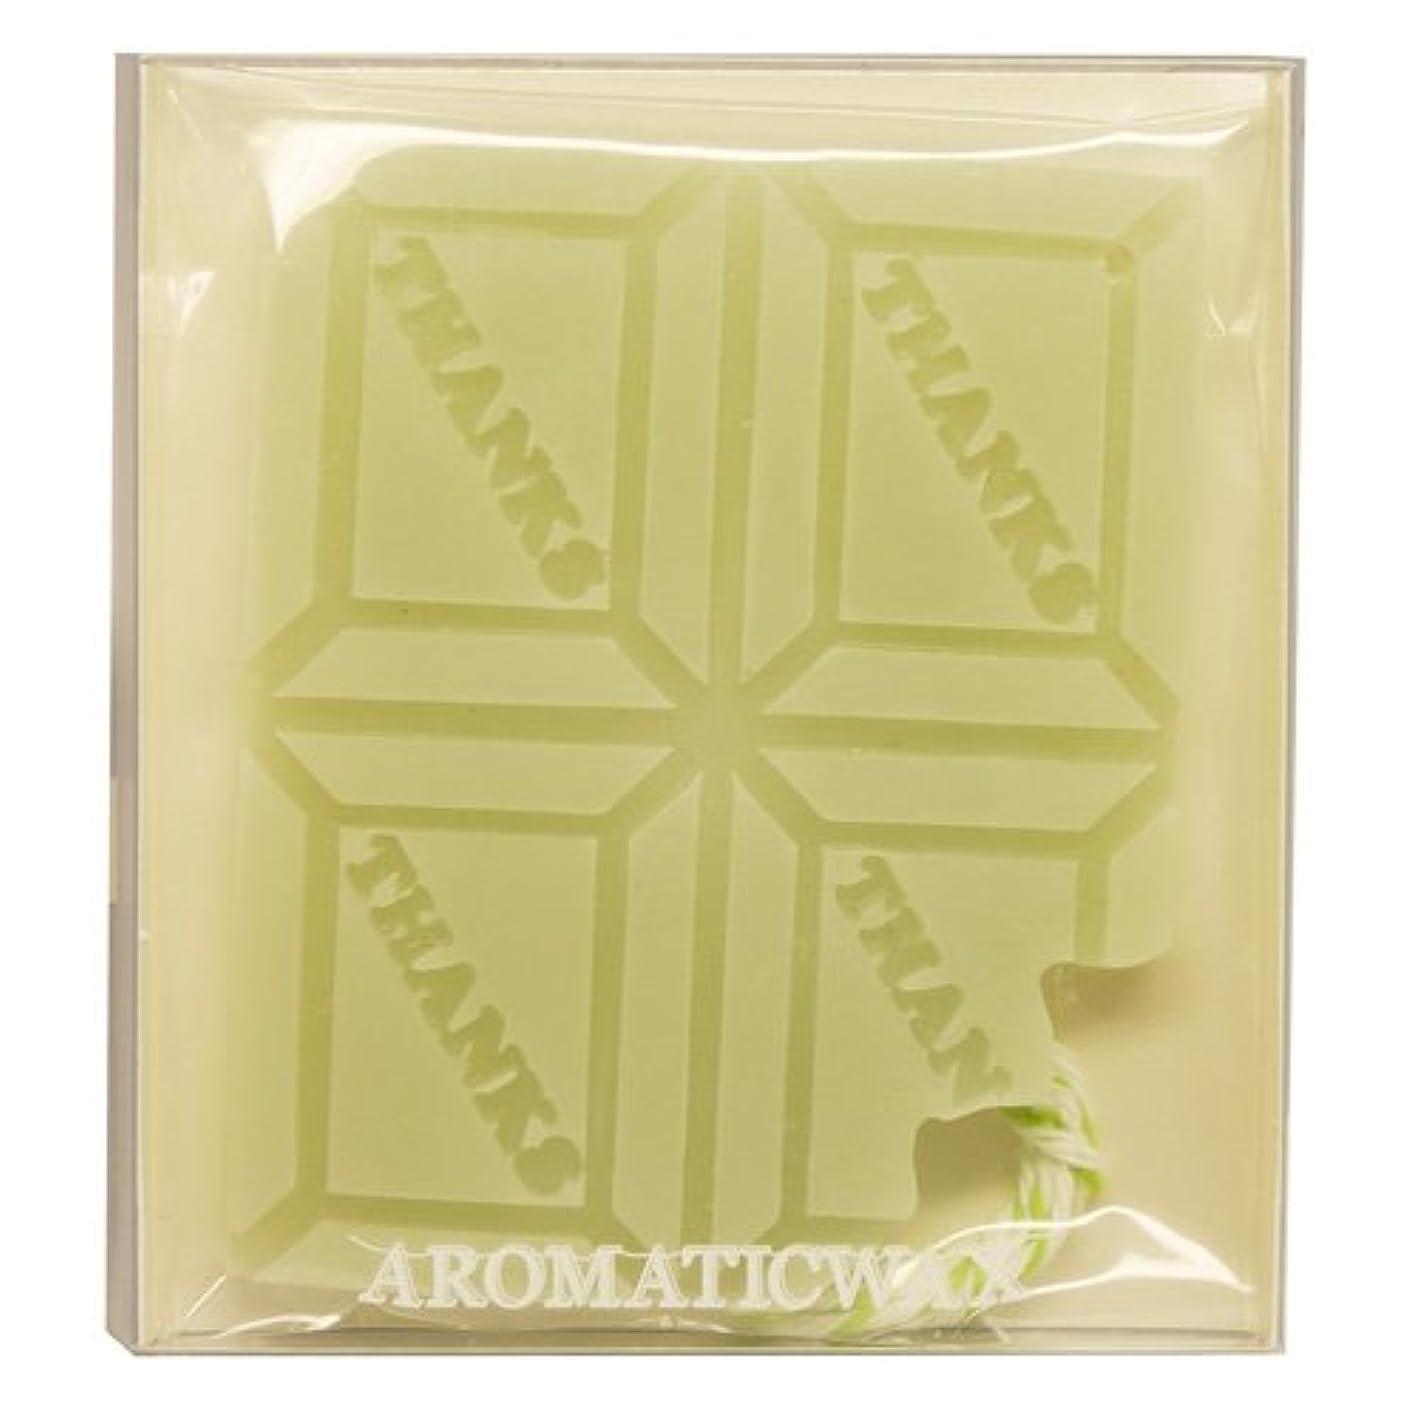 呼吸する更新する翻訳者GRASSE TOKYO AROMATICWAXチャーム「板チョコ(THANKS)」(GR) レモングラス アロマティックワックス グラーストウキョウ